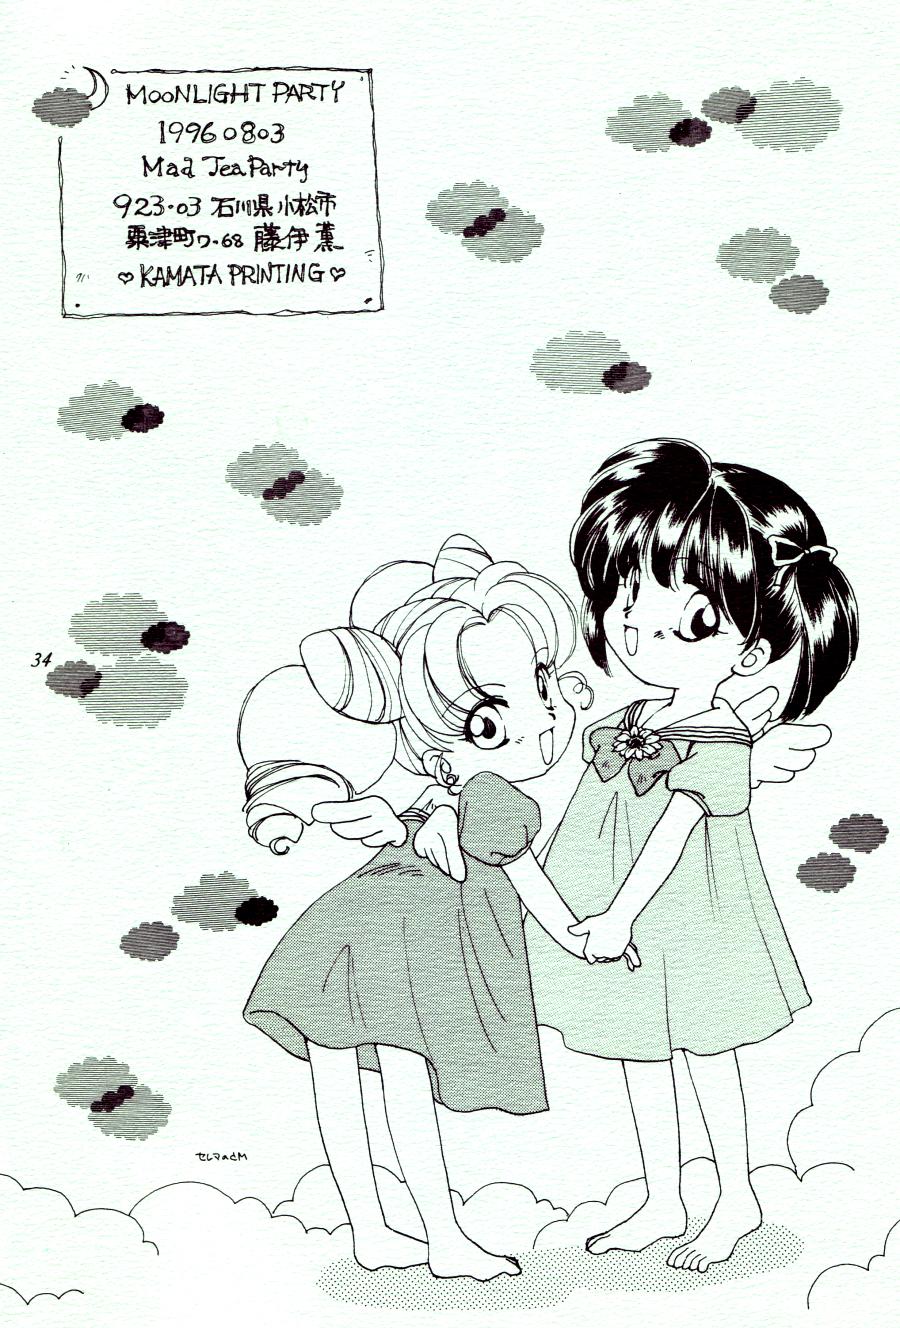 Doujinshi_11